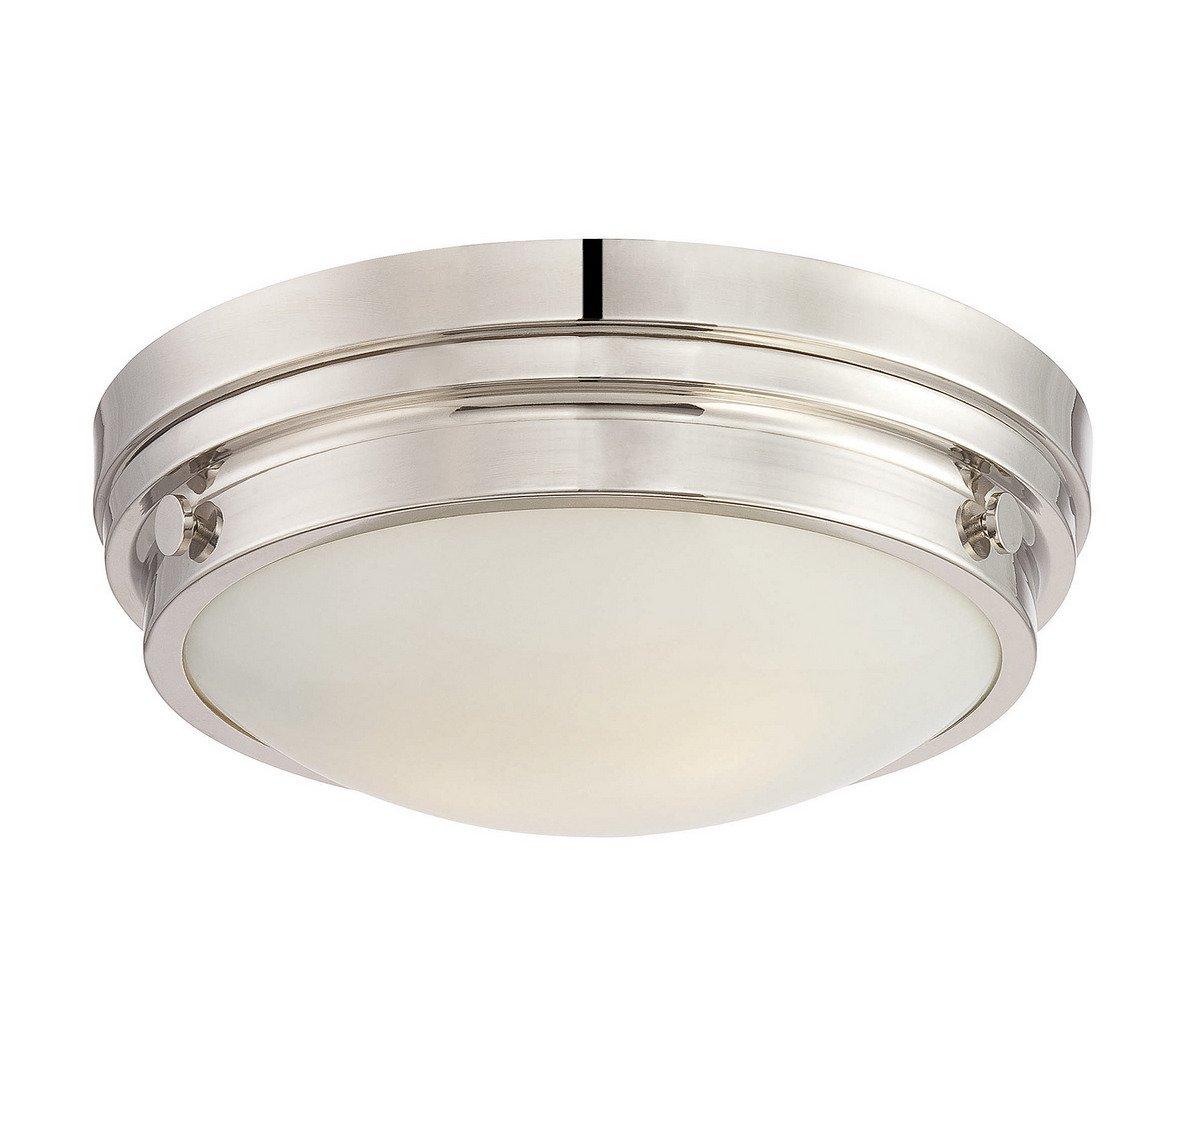 Savoy House 6-3350-14-109 Lucerne 2-Light Flush Mount in Polished Nickel